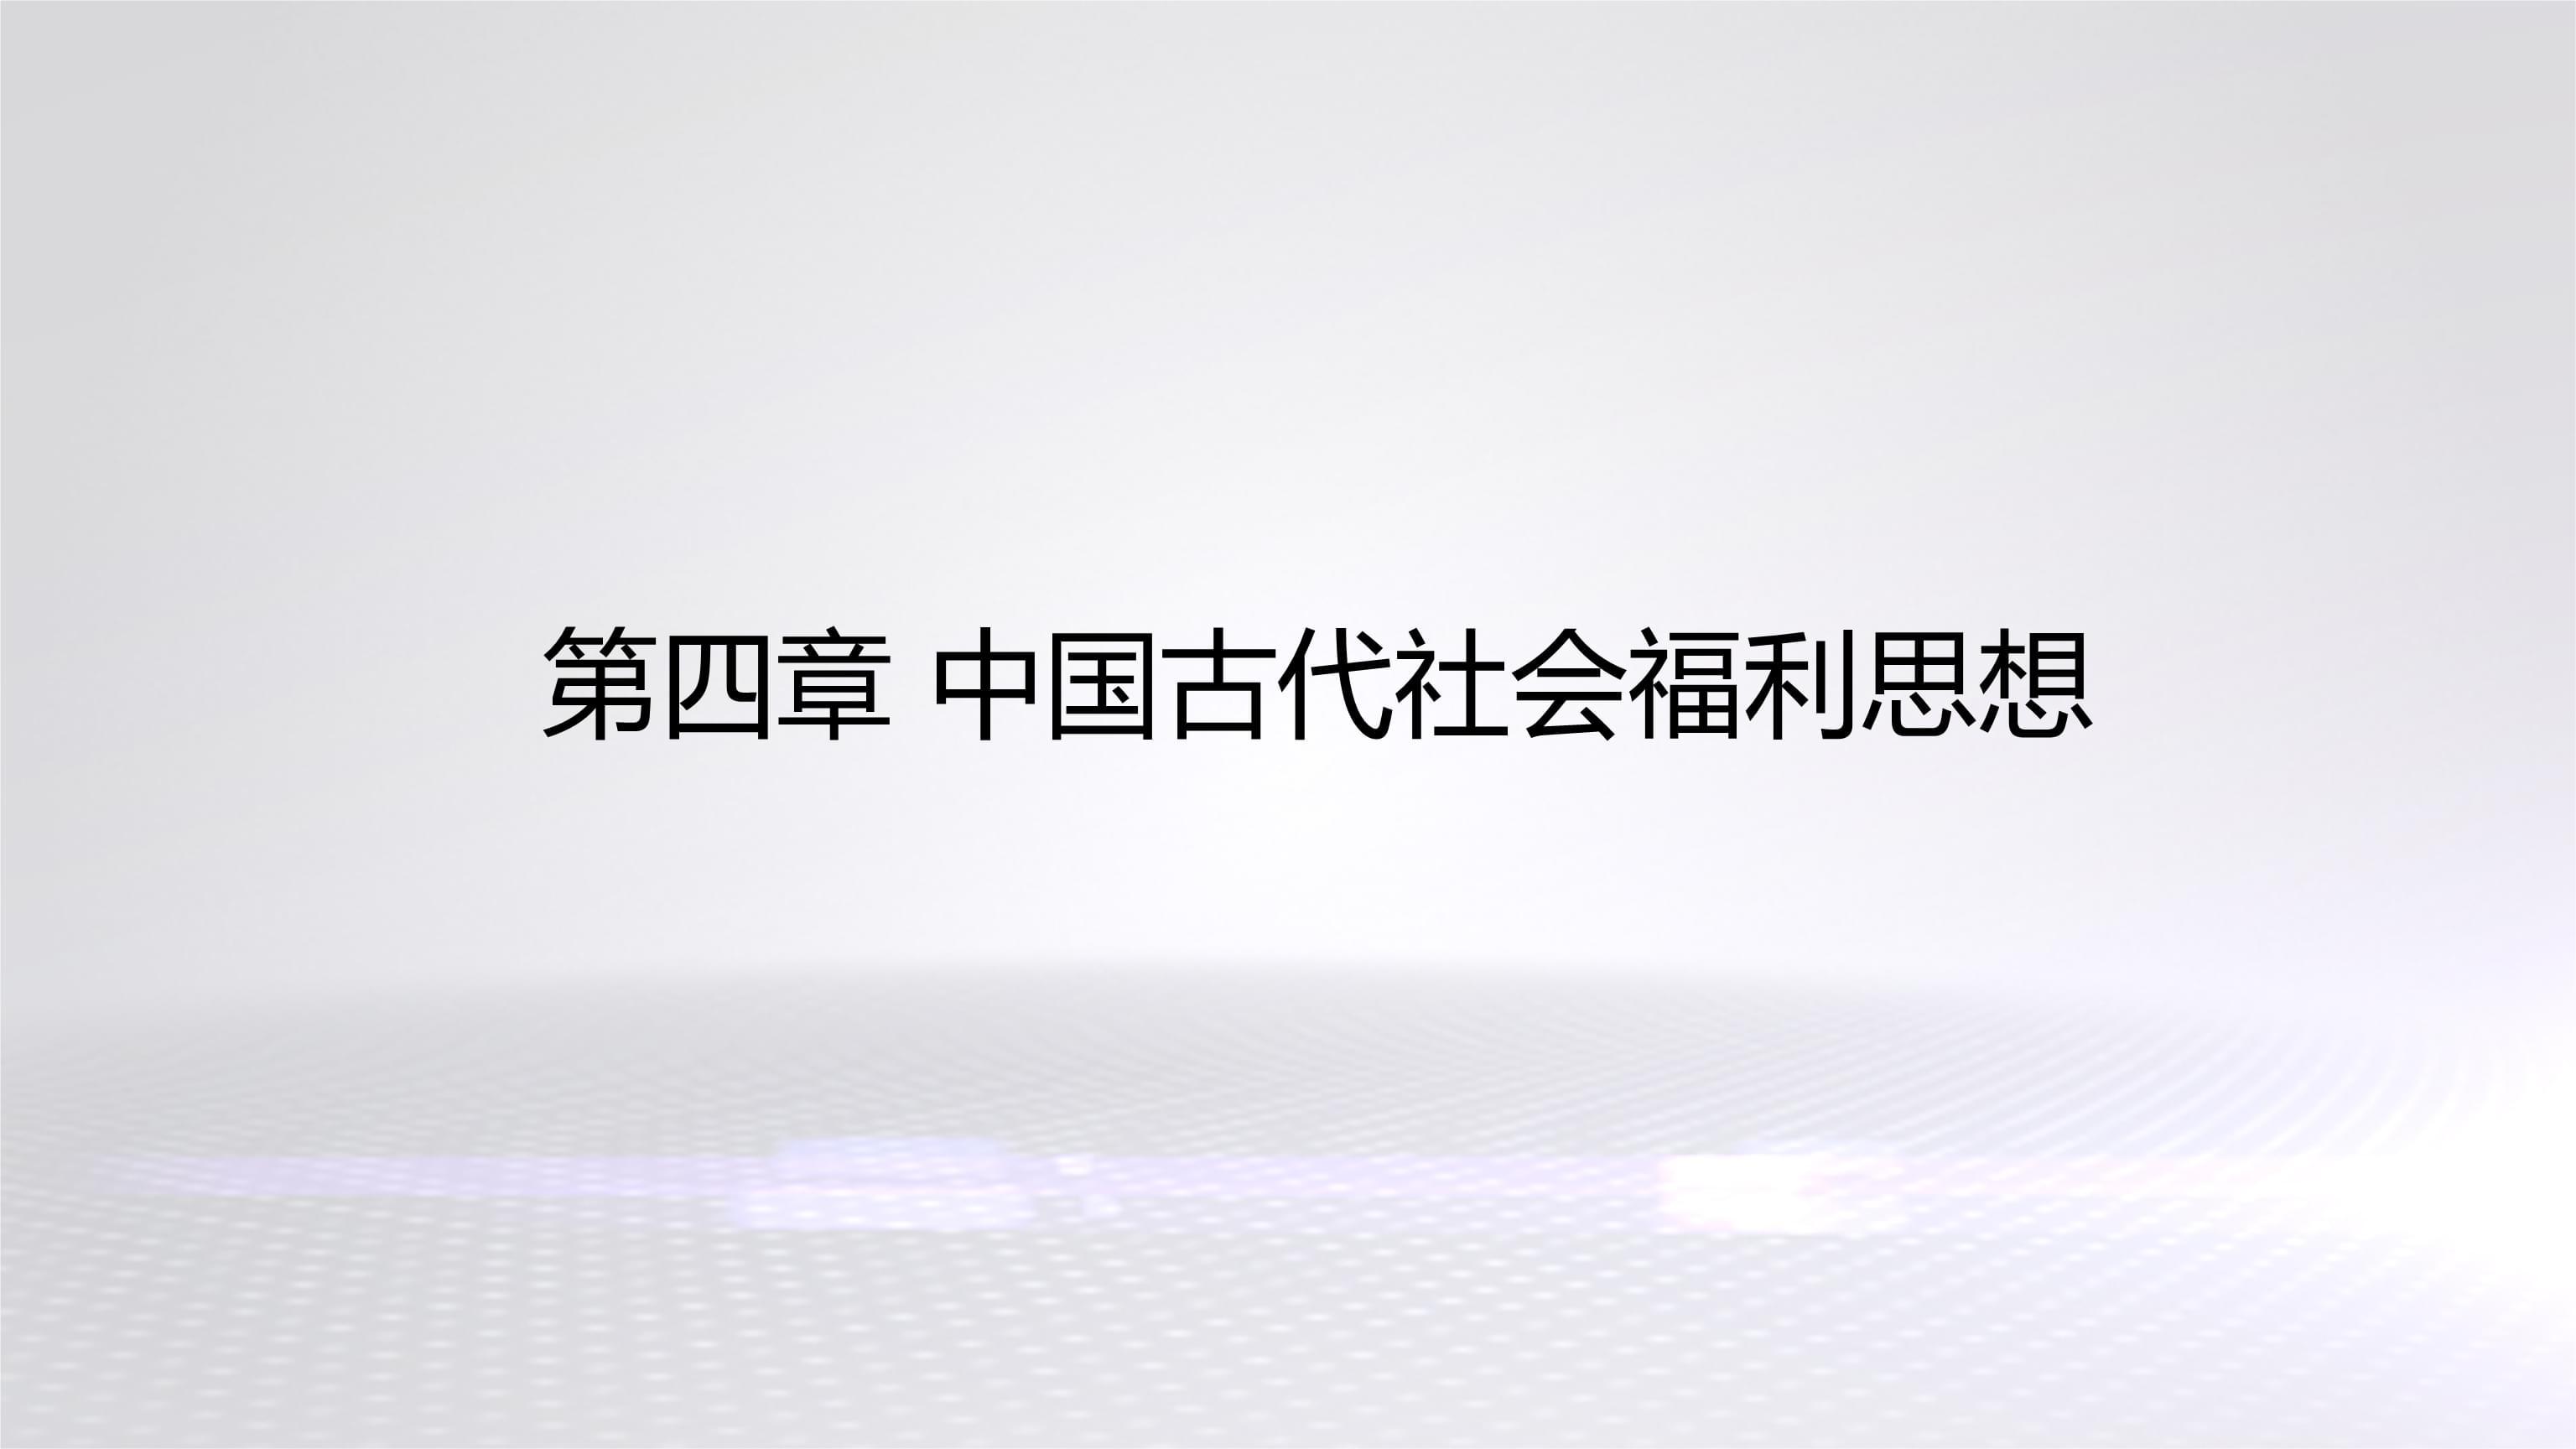 中国古代社会福利思想的特点.ppt